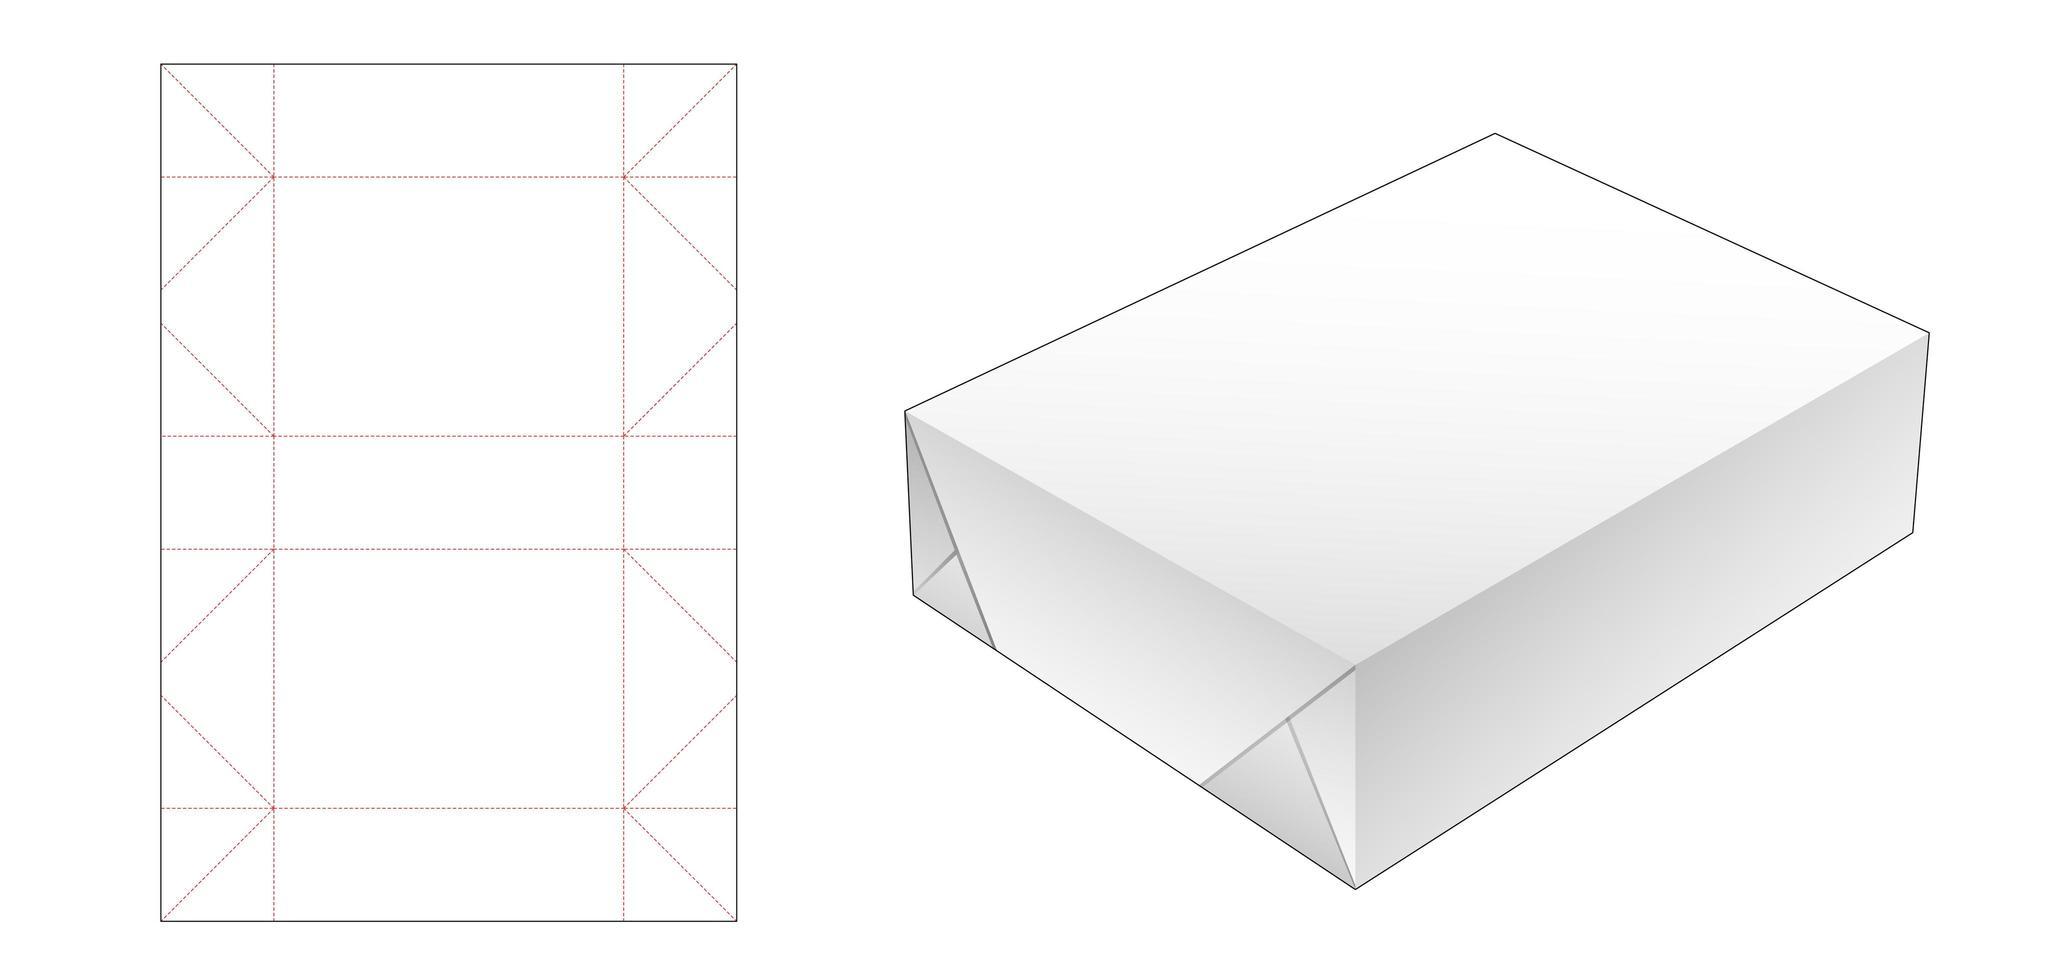 Geschenkpapierverpackung vektor